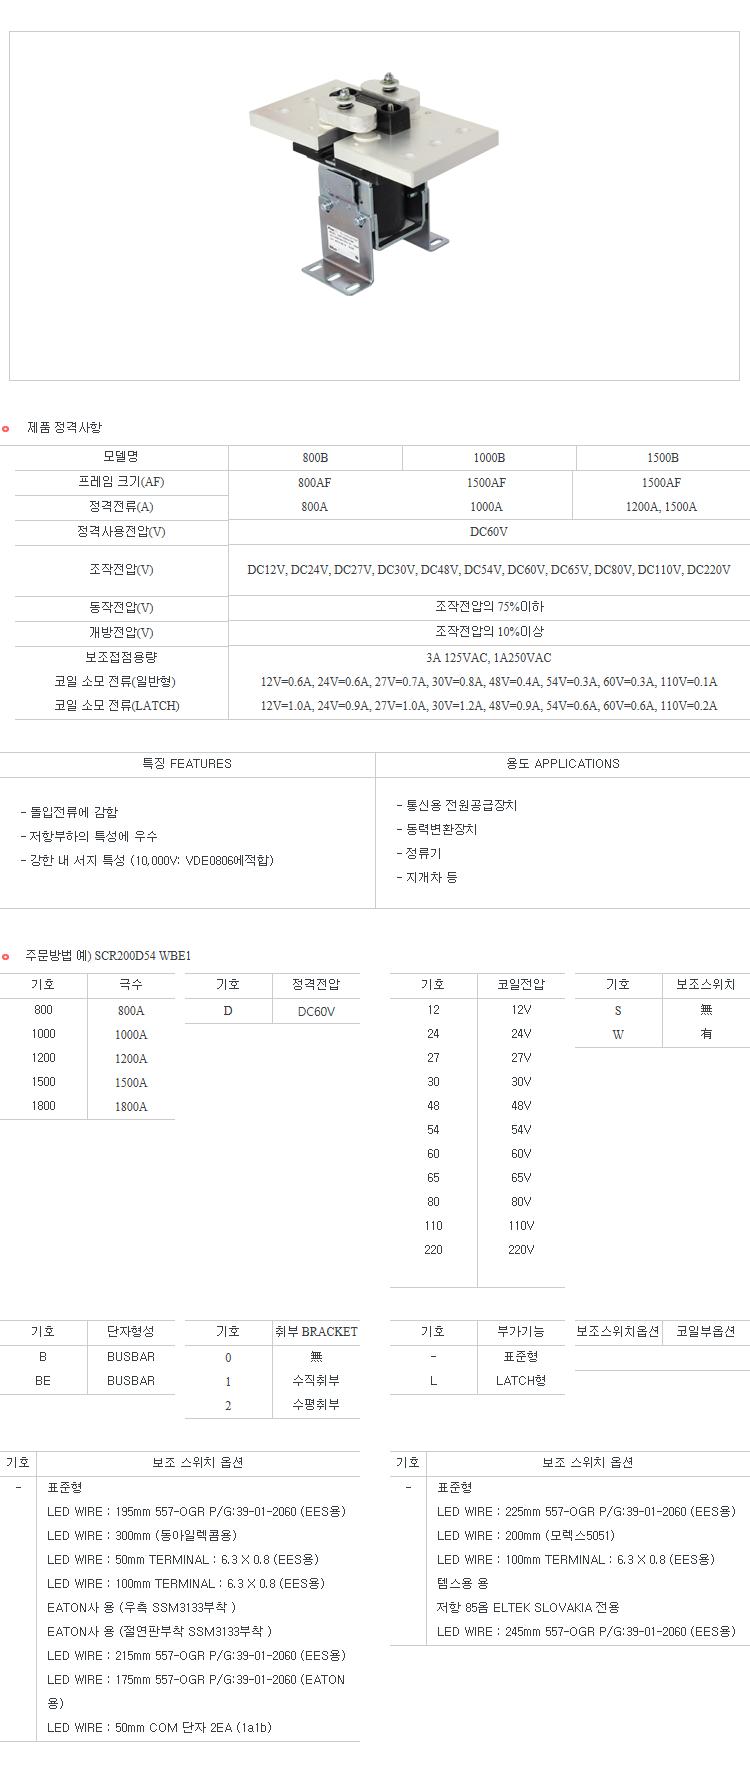 우리산전(주) SCR SCR-MH(MT)/B/BE 6